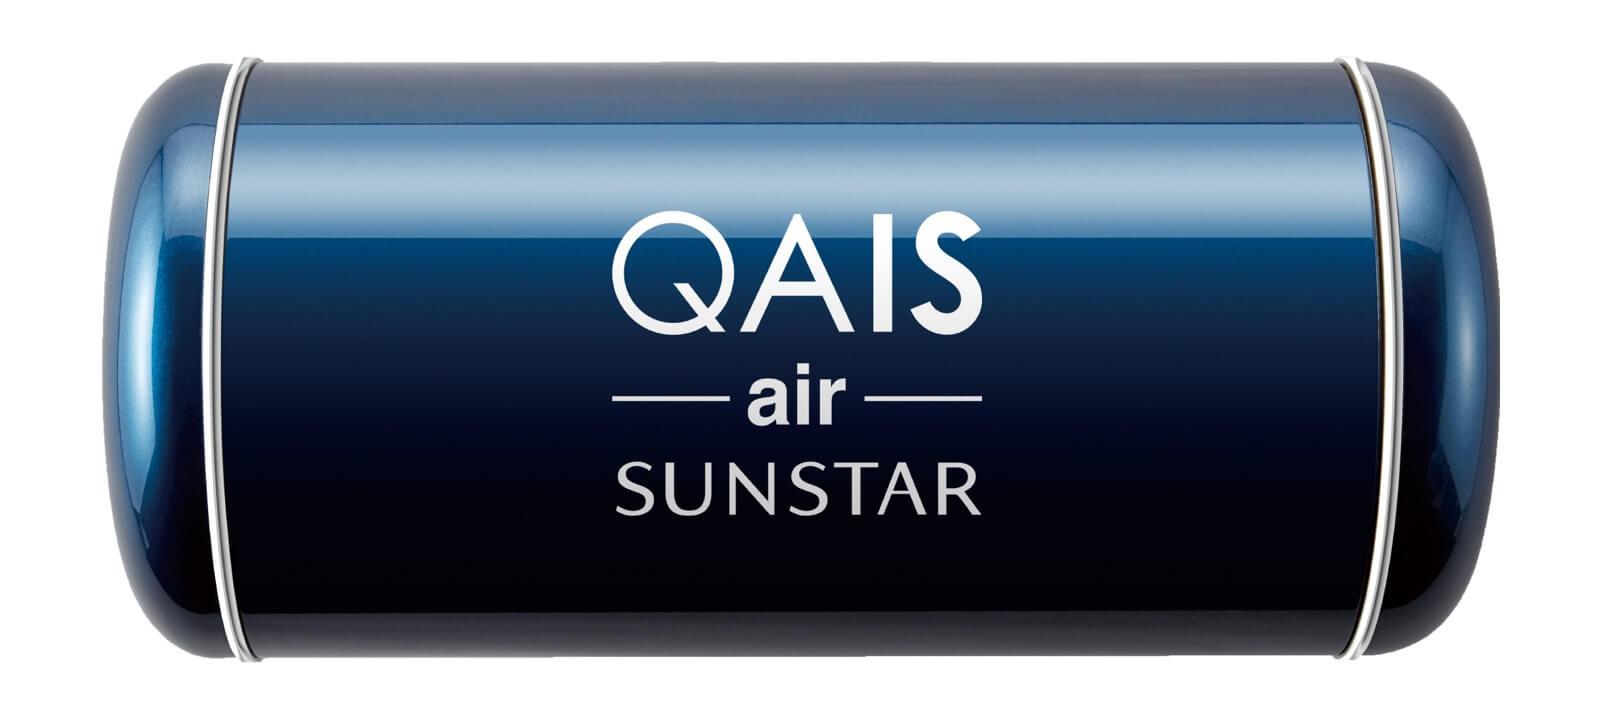 QAIS air SUNSTAR 「カラダがよろこぶ空気。」を目指す室内空気質改善の新事業